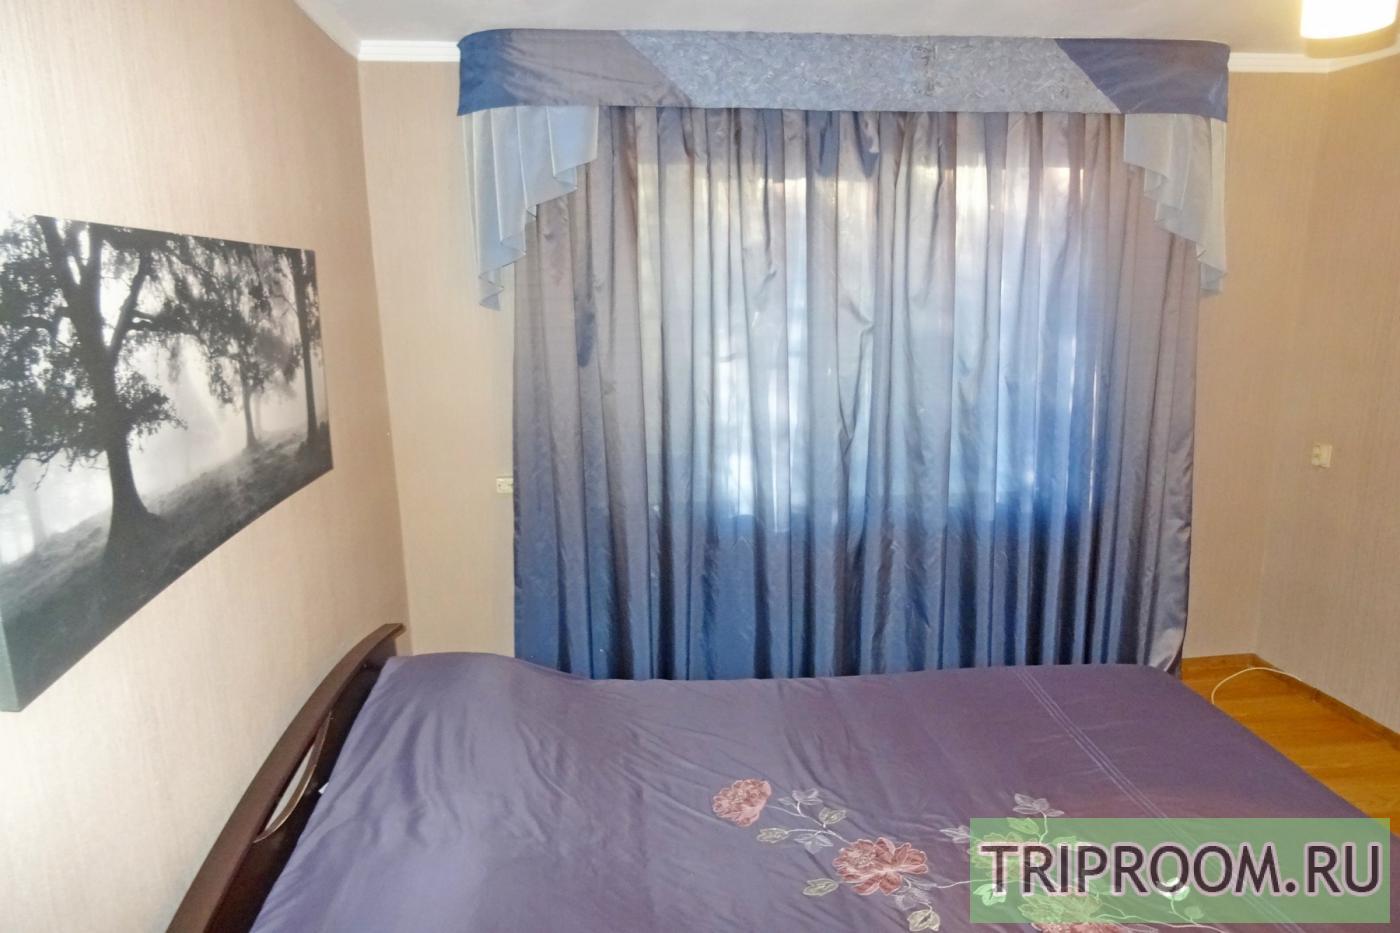 2-комнатная квартира посуточно (вариант № 35123), ул. Красина улица, фото № 3